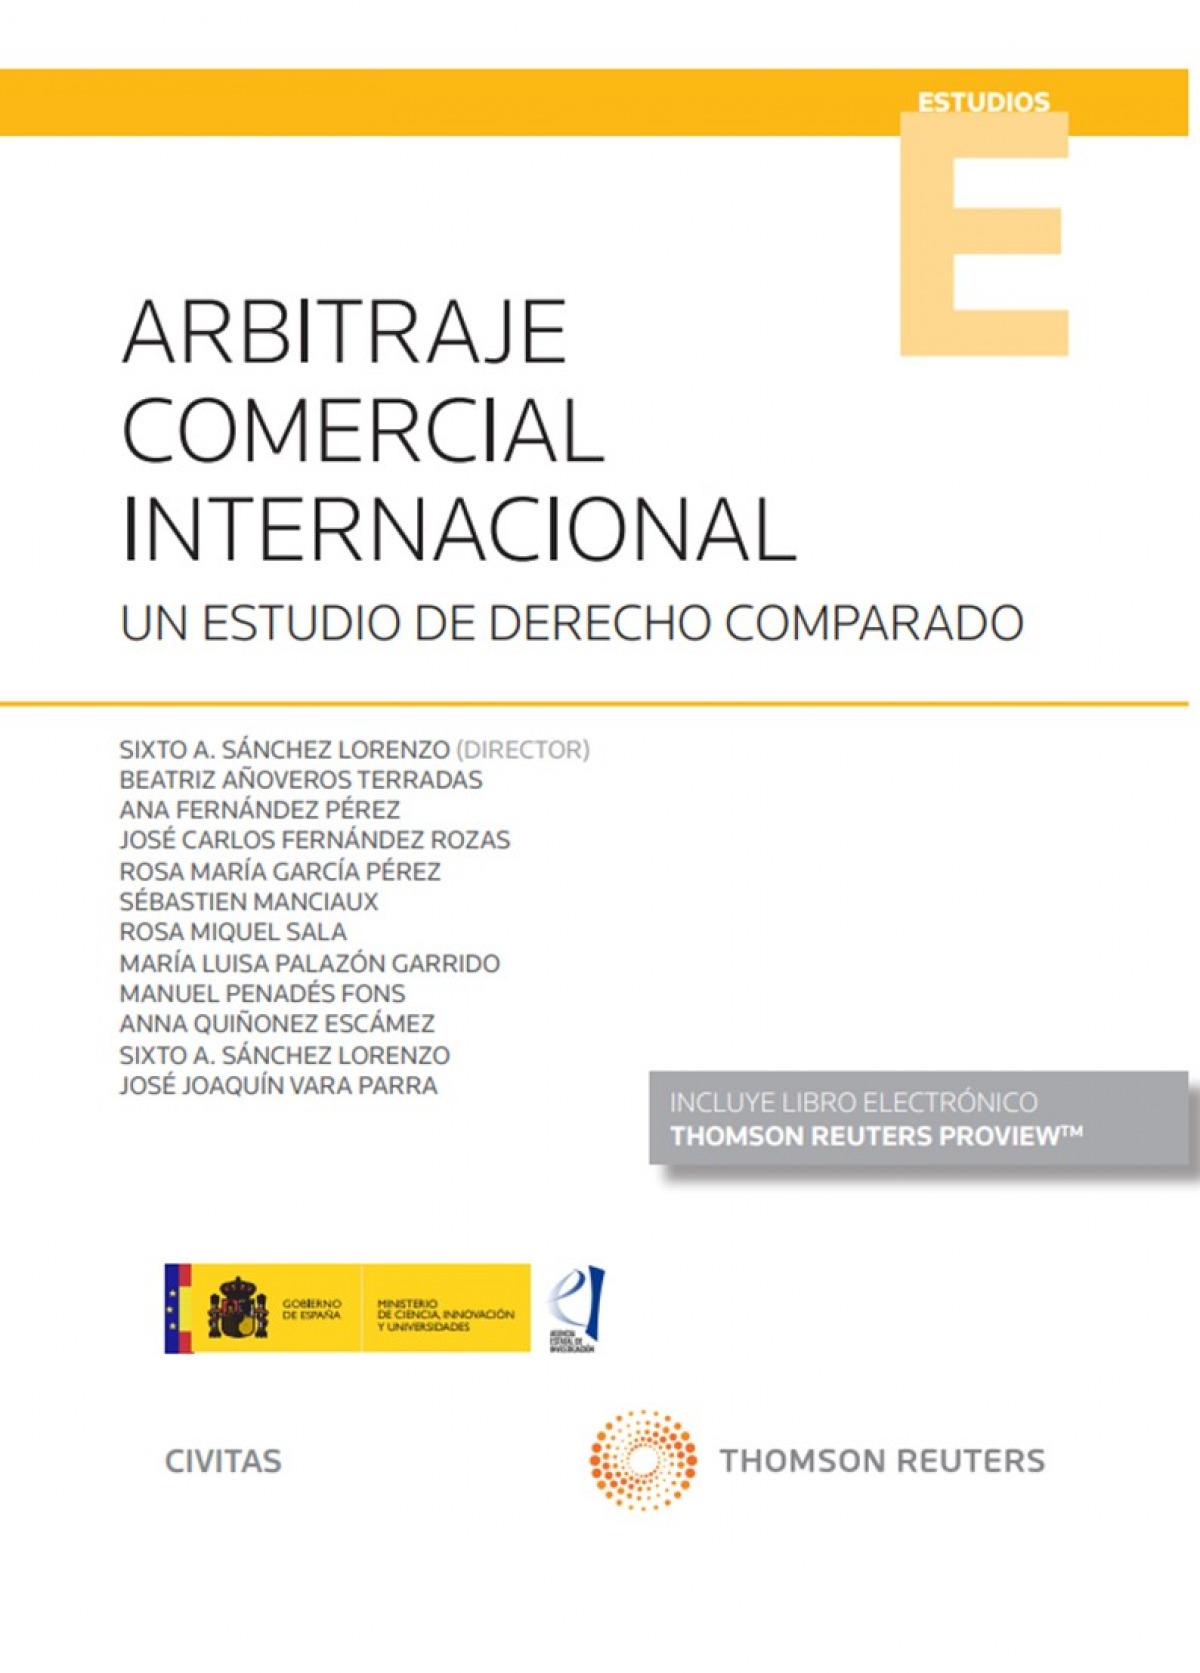 Arbitraje comercial internacional 9788413460468